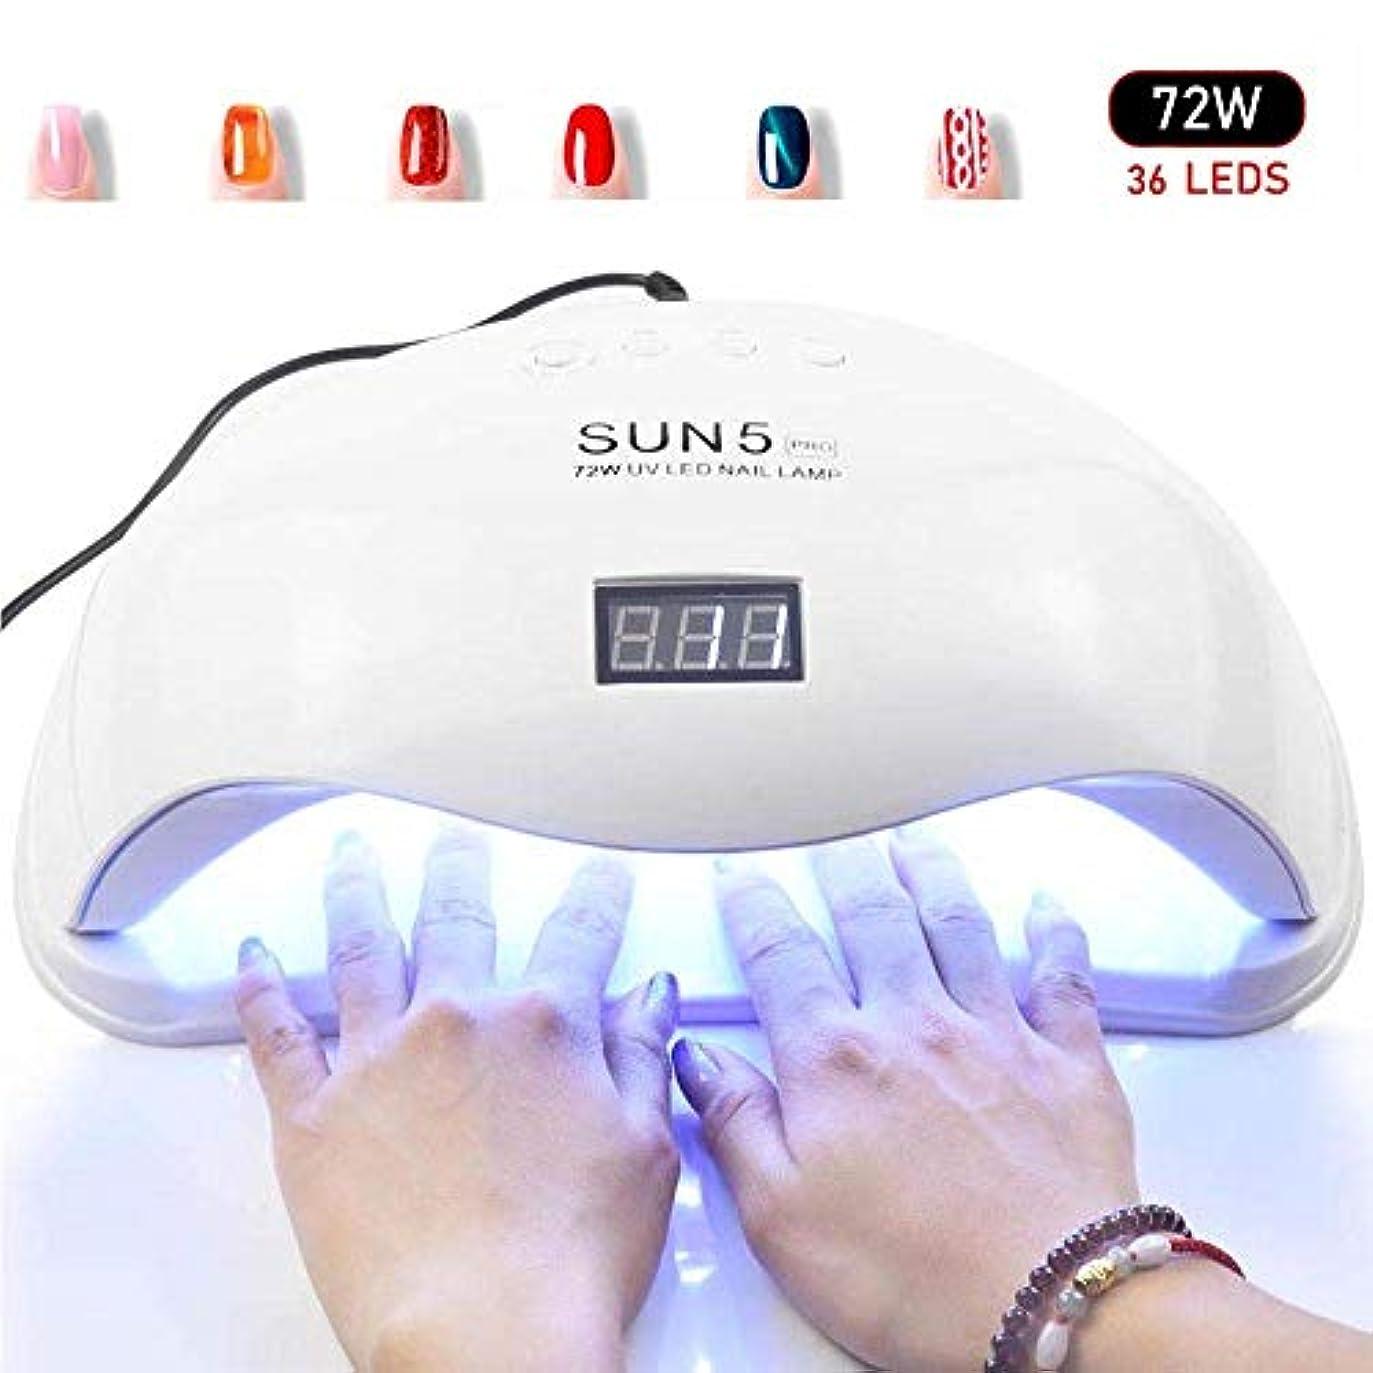 認知表現区72W UVライト LEDネイルランプ LED ネイルドライヤー 赤外線センシング 10/30 / 60s/99sタイマー設定 速乾 UVライトネイルポリッシュ用 (72W)